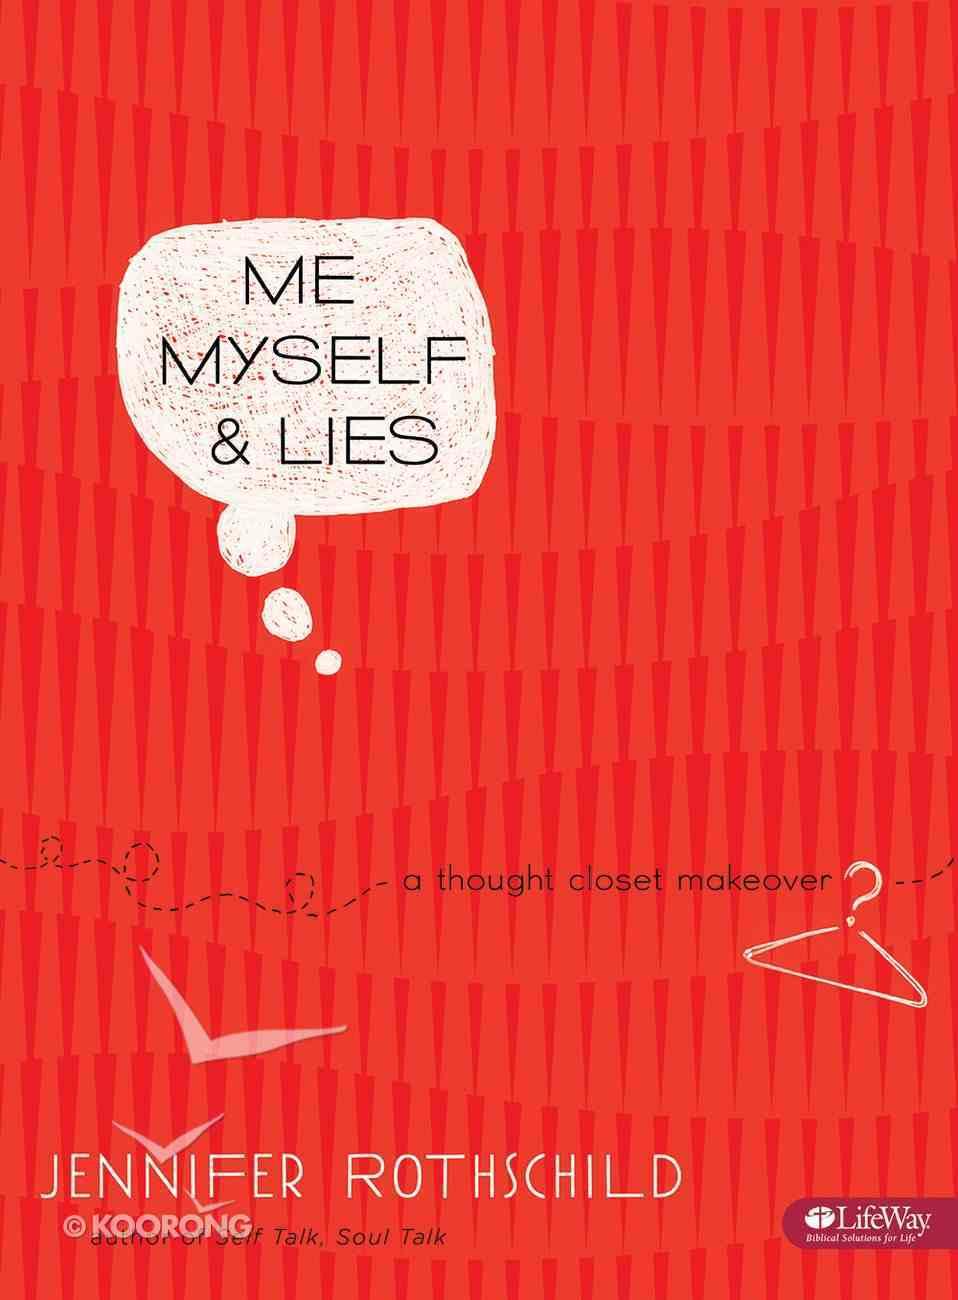 Me Myself & Lies (Member Book, 7 Sessions) Paperback